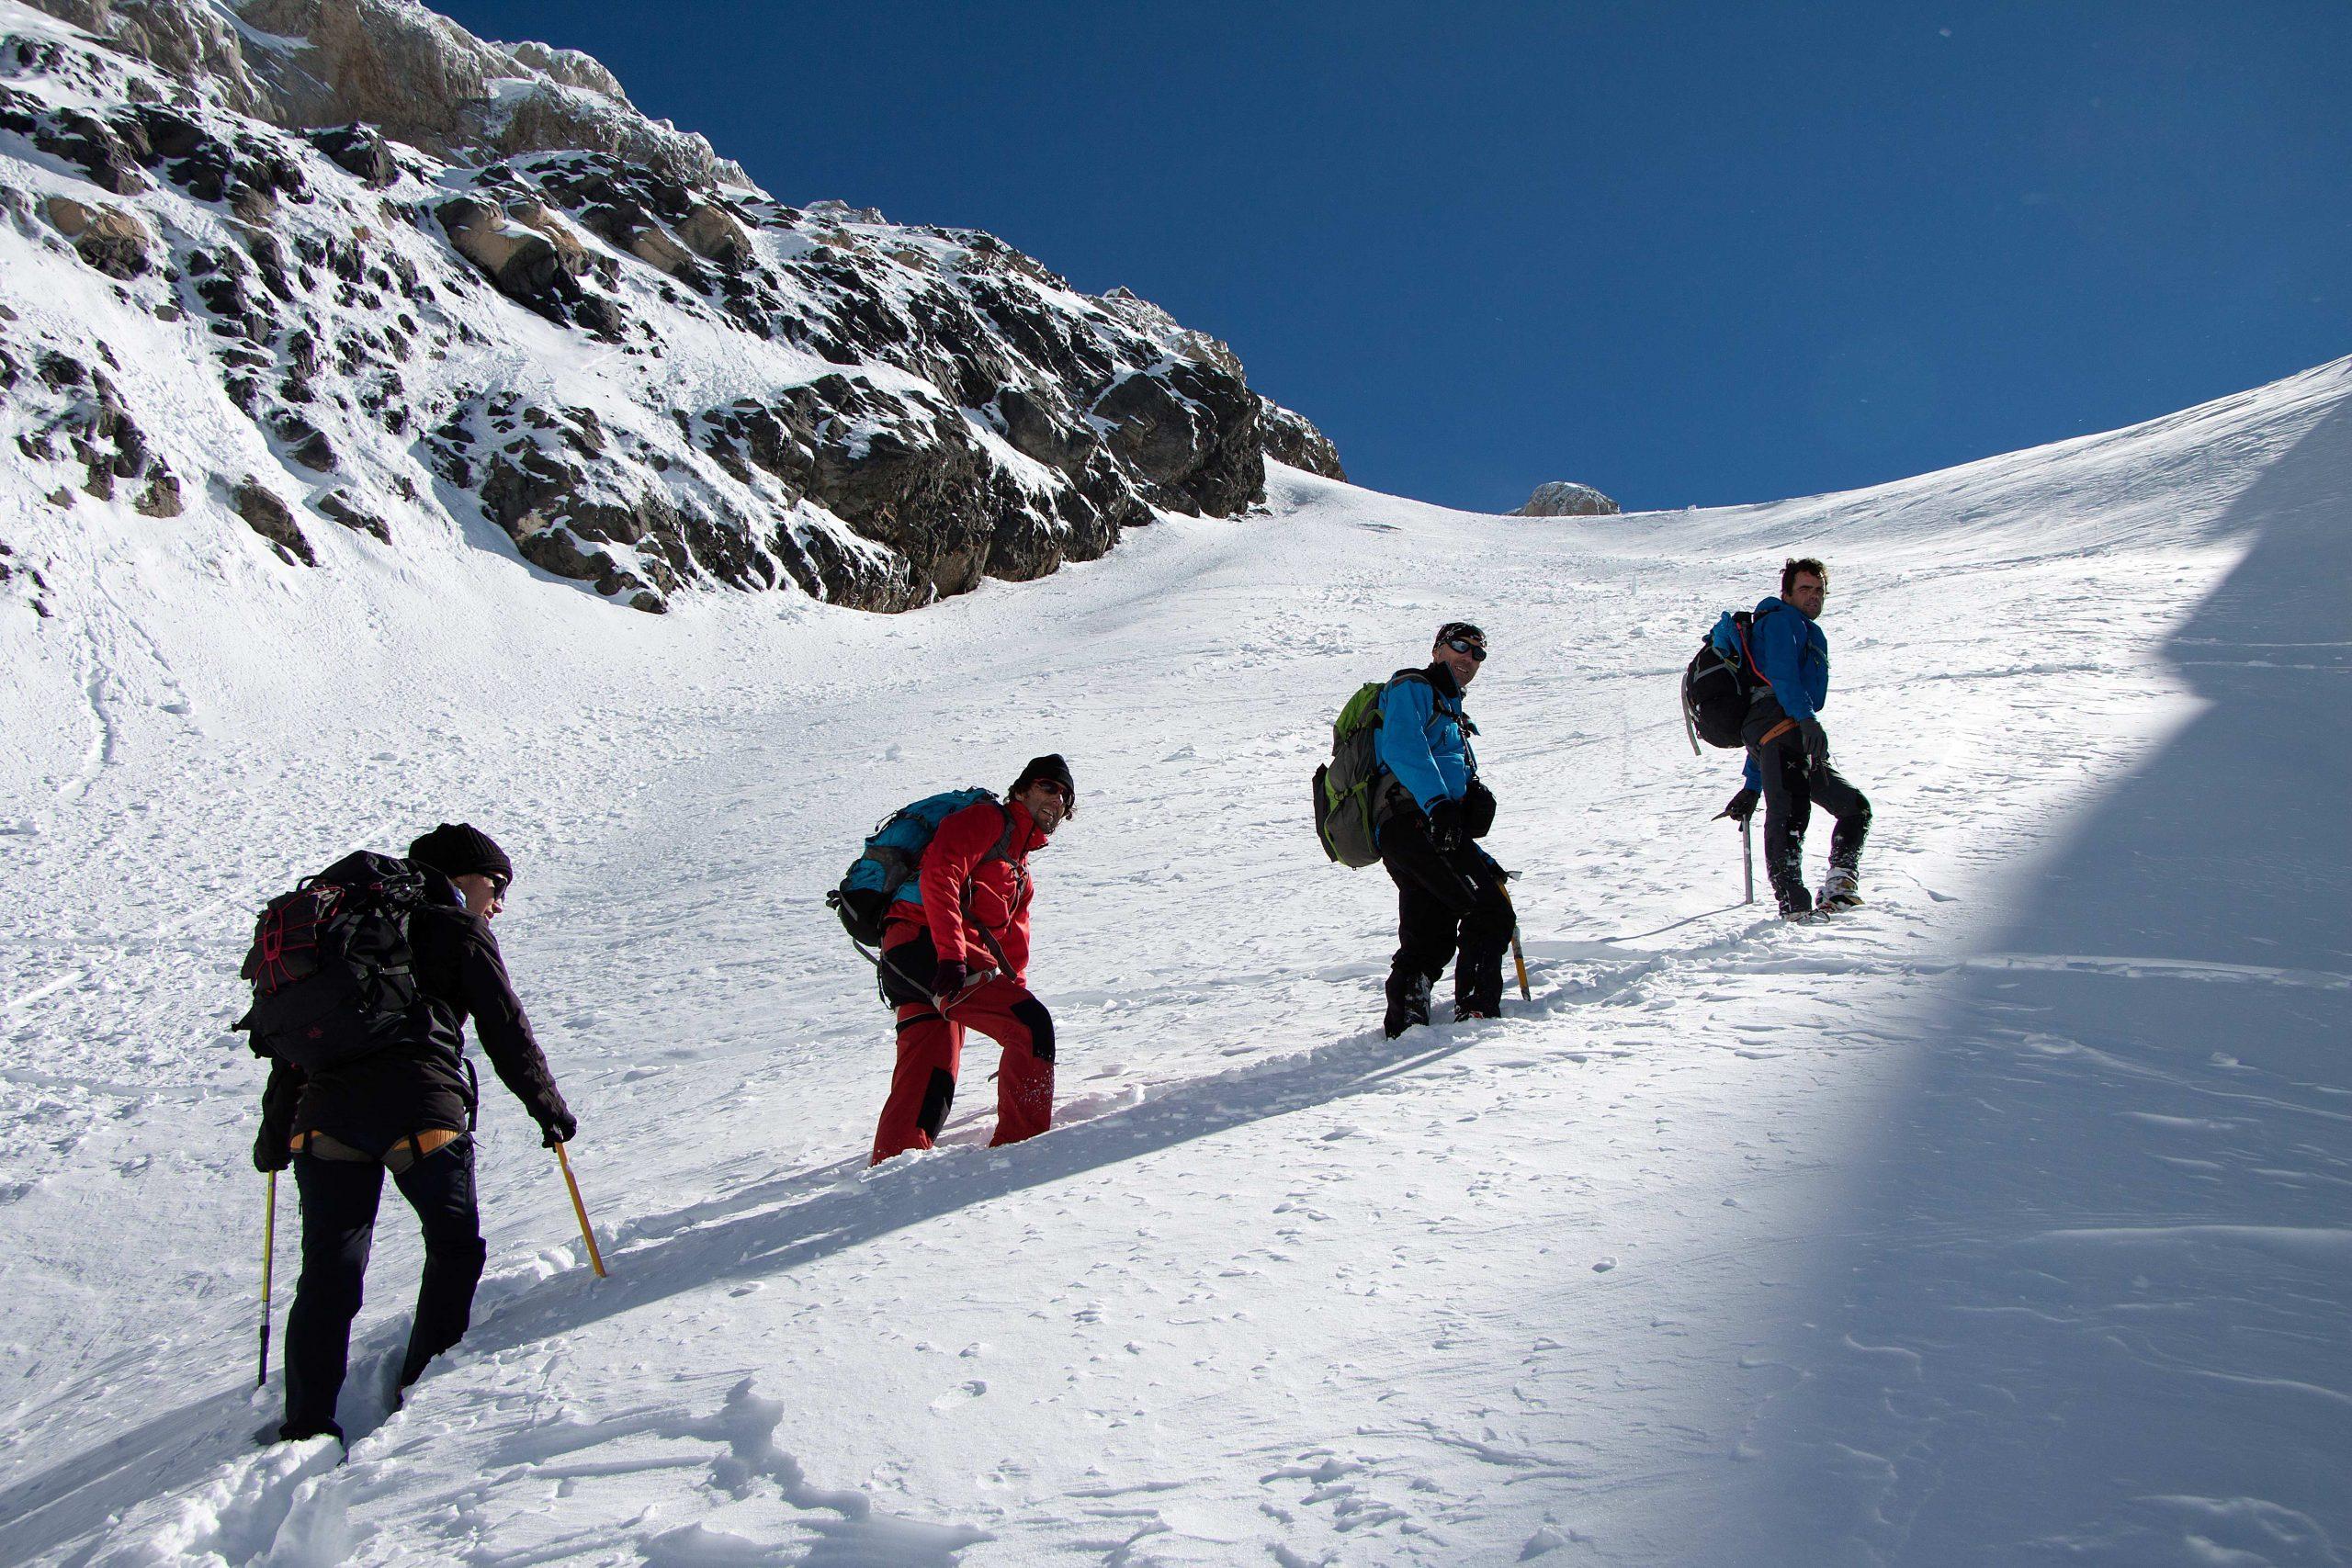 Ascenso al Monte Perdido. Parque Nacional de Ordesa y Monte Perdido